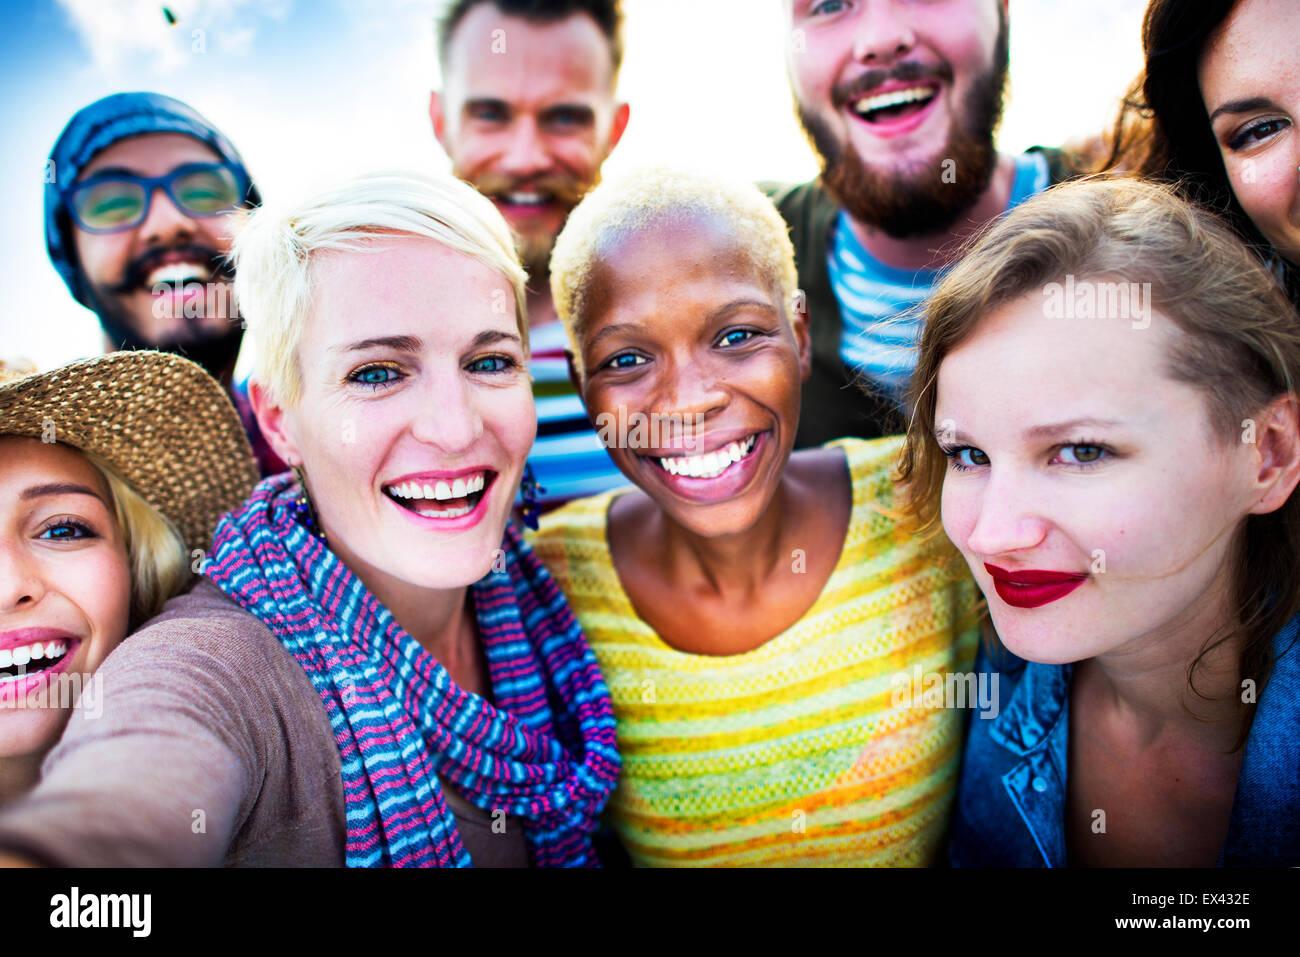 L'amitié bonheur Selfies Plage été Concept Photo Stock